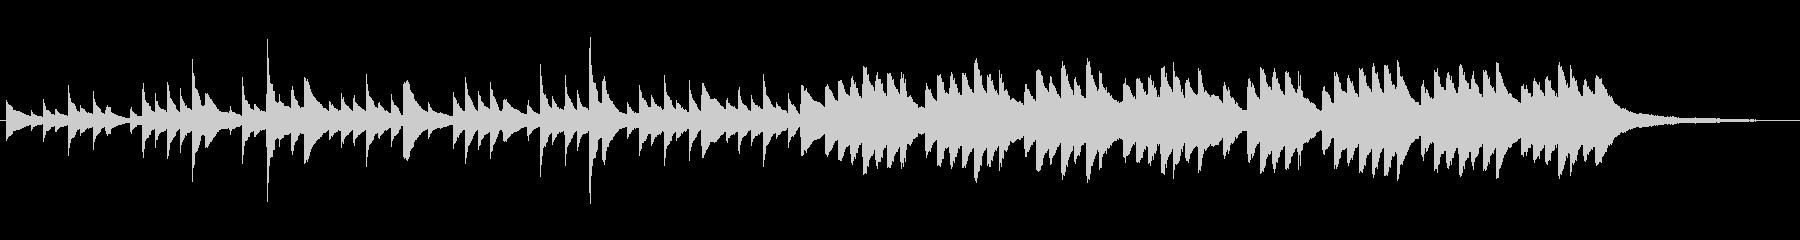 温かく優しいピアノ曲の未再生の波形